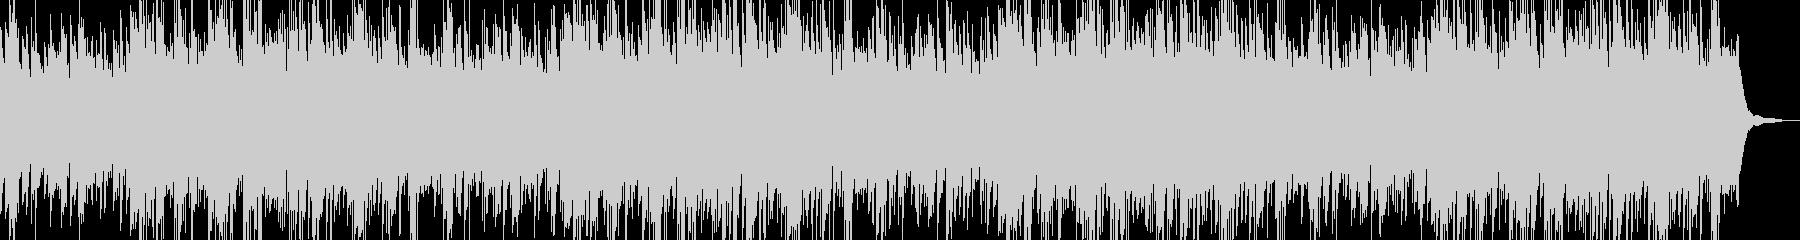 企業VP20 16bit44kHzVerの未再生の波形